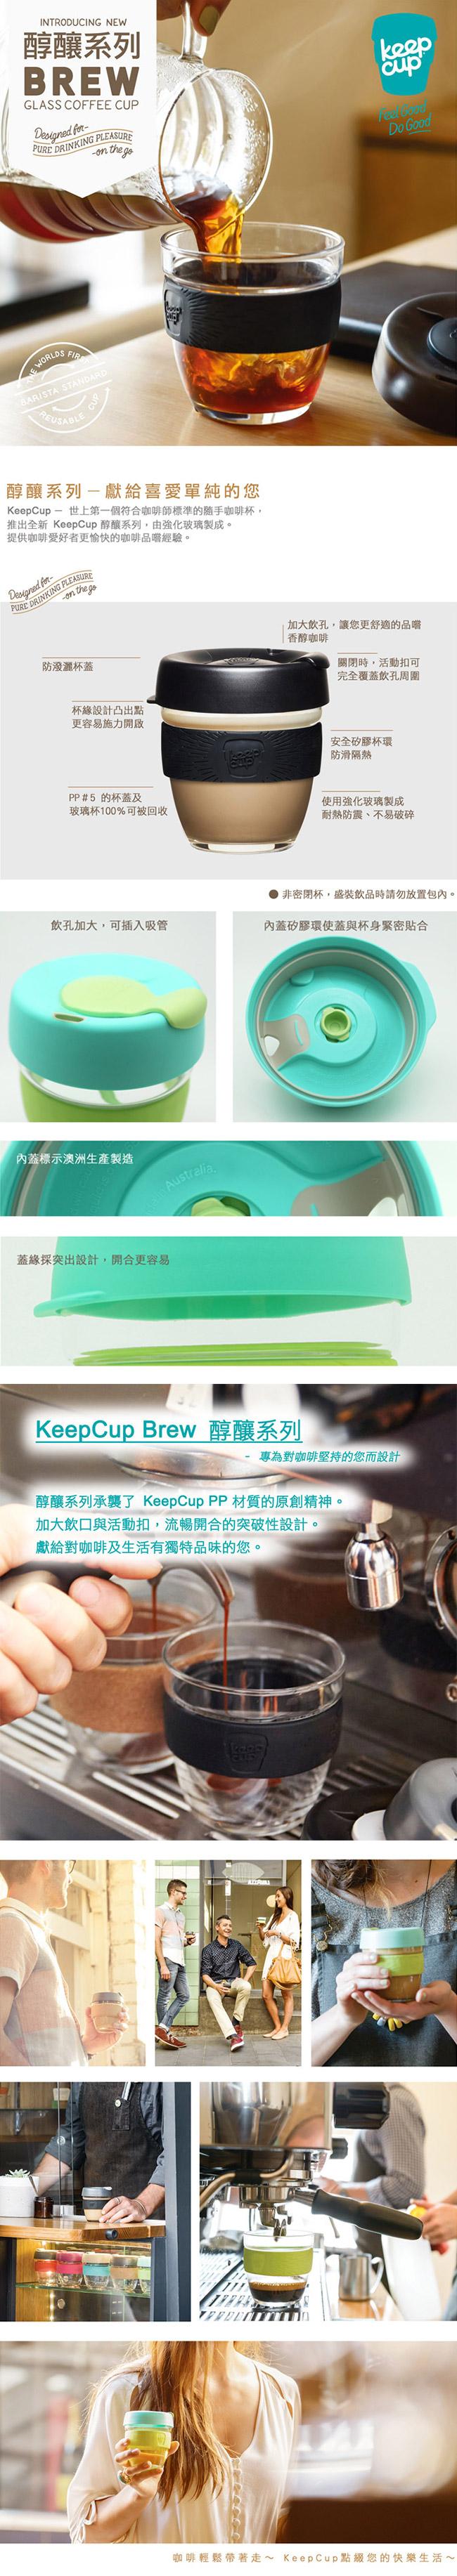 [FINAL CALL] KeepCup 隨手咖啡杯 醇釀系列 M 黑色幽默